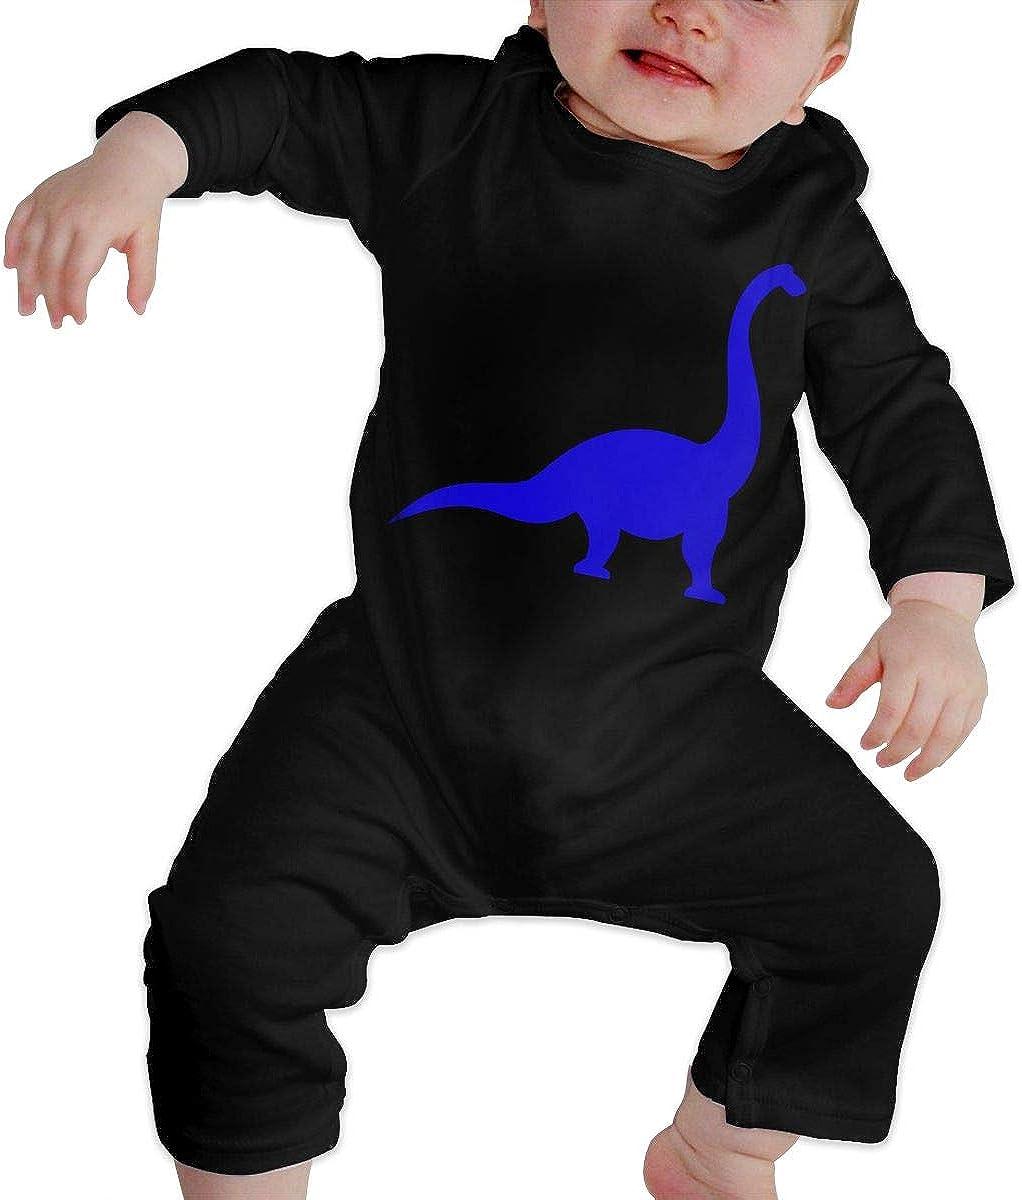 YELTY6F Brachiosaurus Dinosaur Printed Baby Boys Girls One-Piece Suit Long Sleeve Pajamas Black